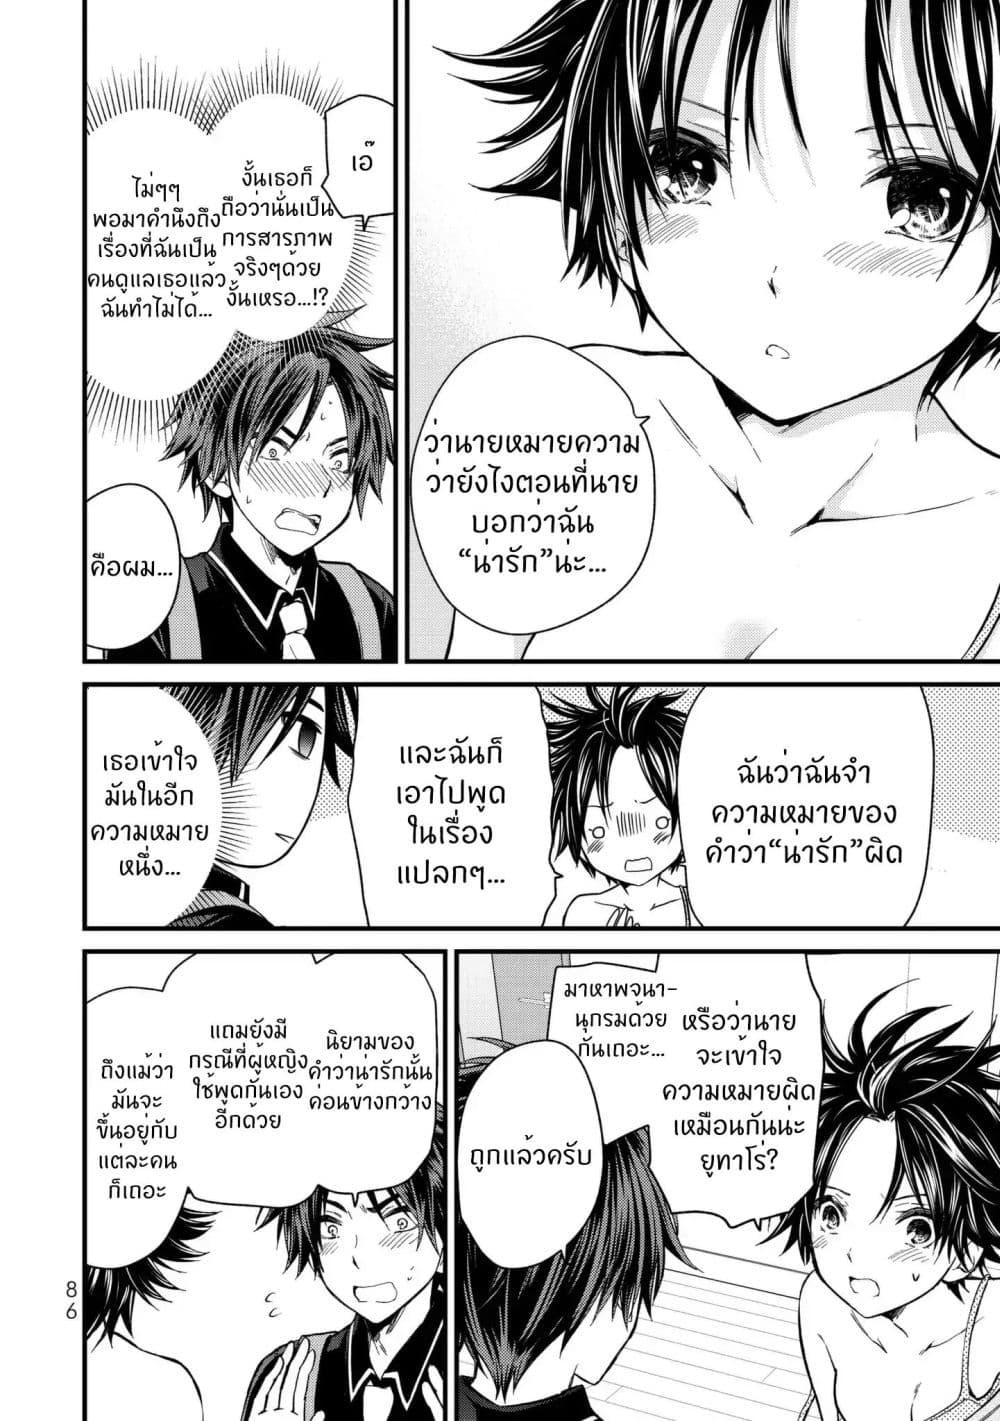 อ่านการ์ตูน Ojousama no Shimobe ตอนที่ 14 หน้าที่ 15